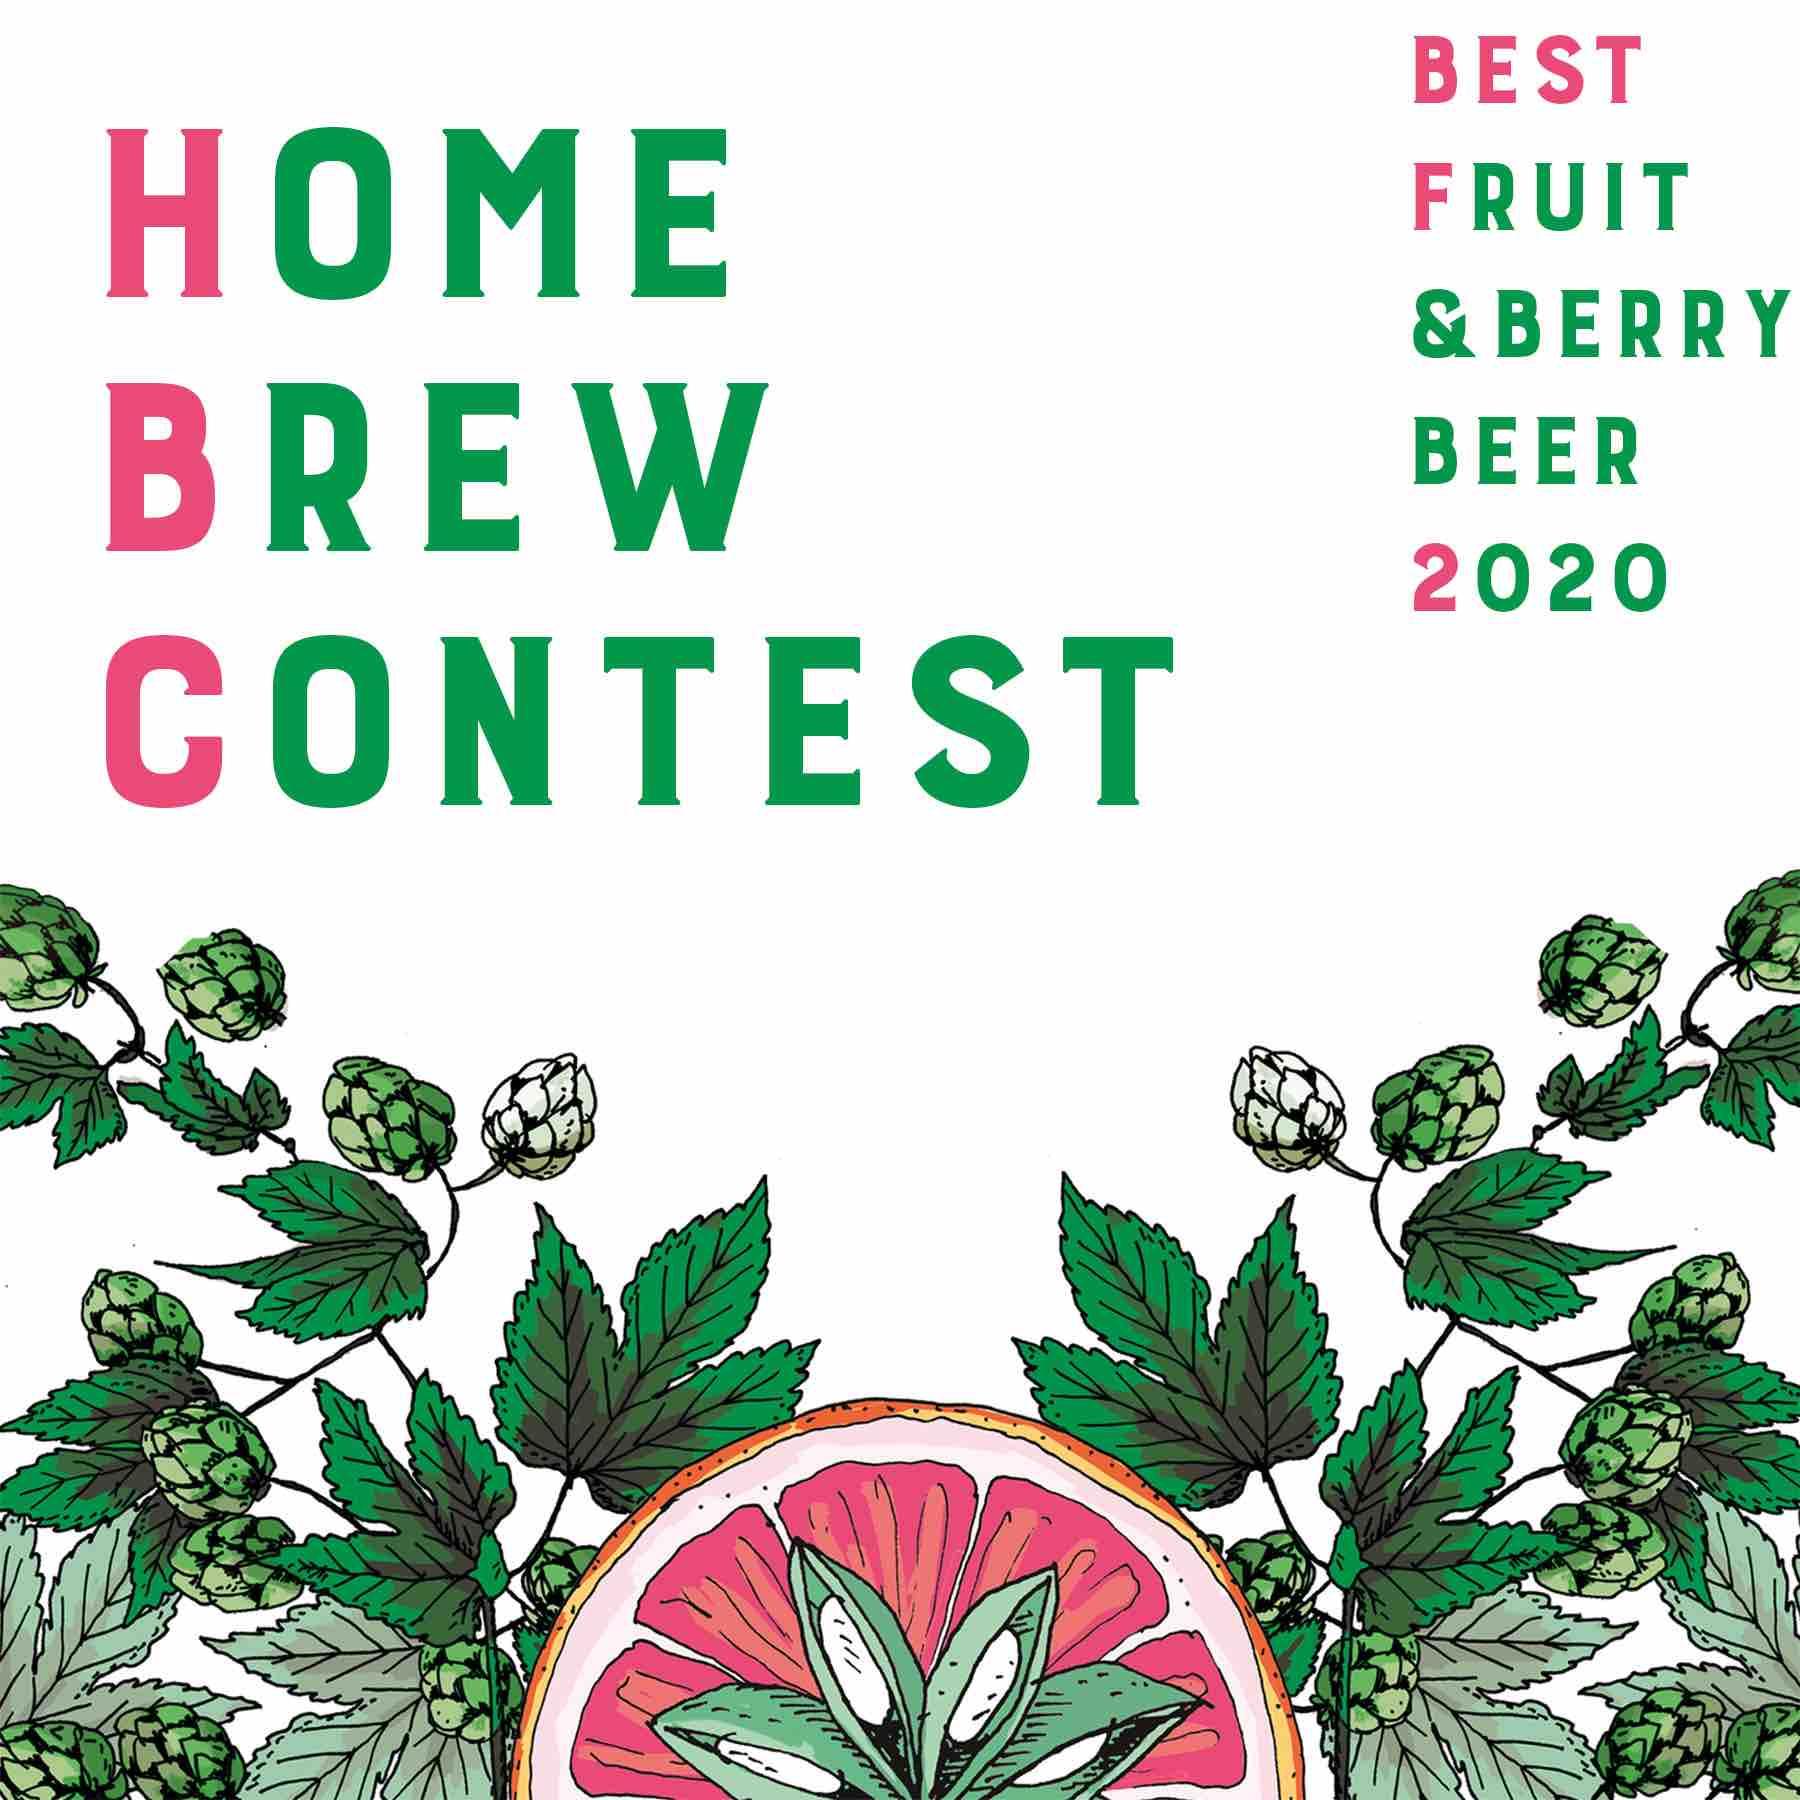 home brew contest 2020 mainos